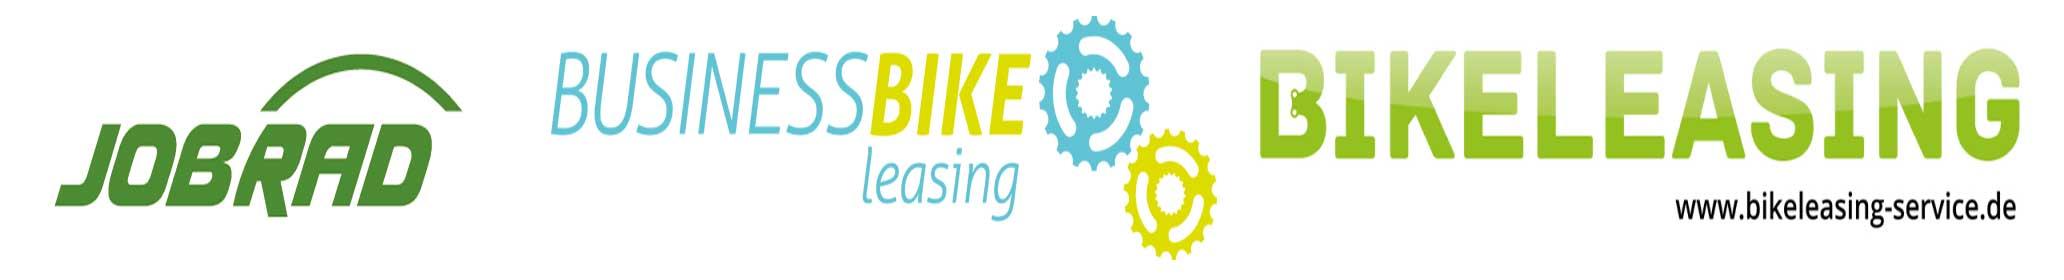 Mit folgenden Partnern arbeiten wir im Dienstradleasing zusammen: